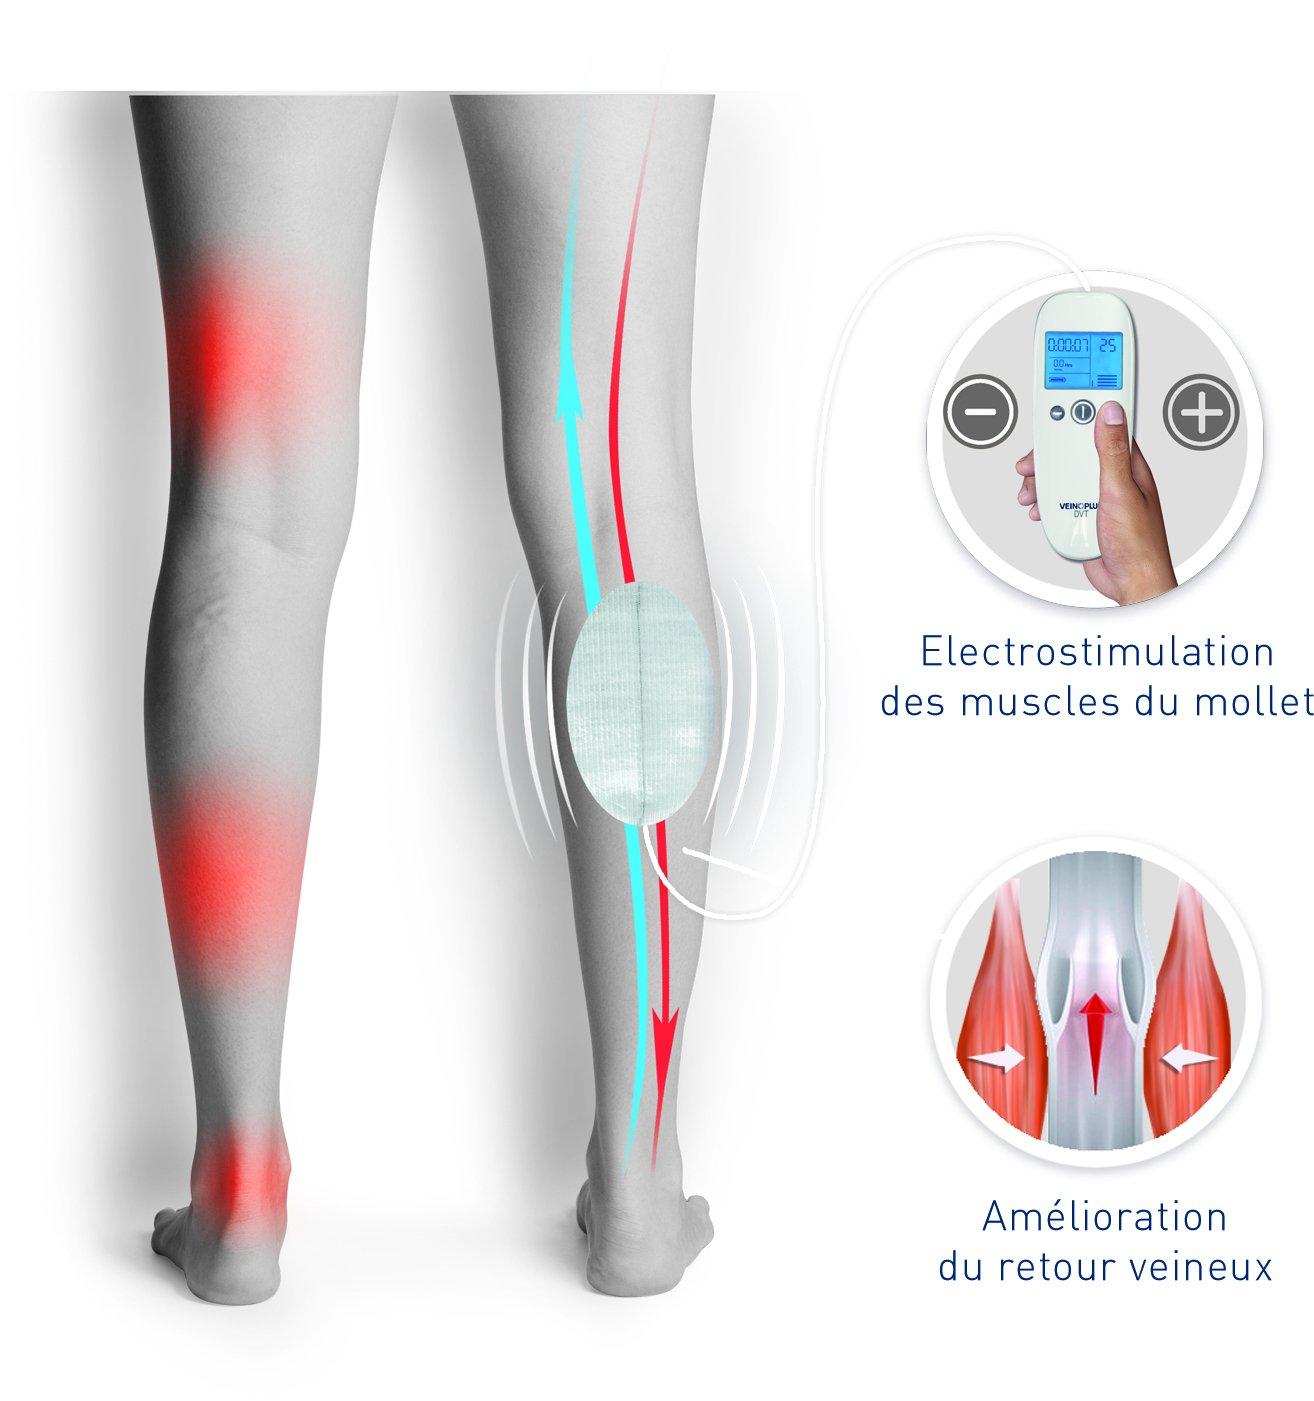 zur Behandlung und Linderung von Schmerzen und geschwollenen Beinen /Ödemen Modell 2.1 Veinoplus V.I. Krampfadern und Geschw/üren